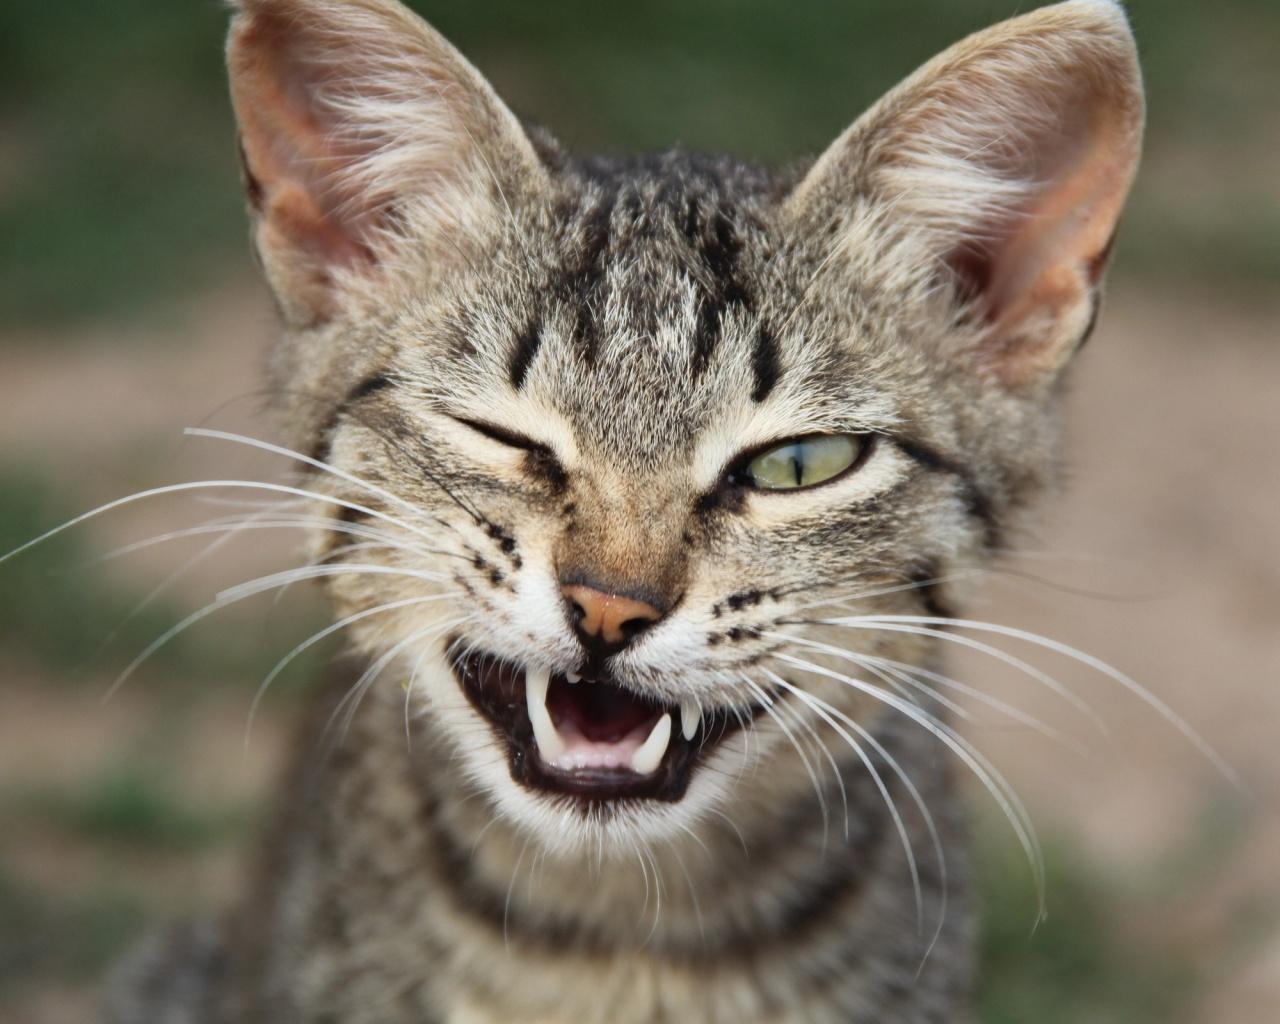 Cat wink